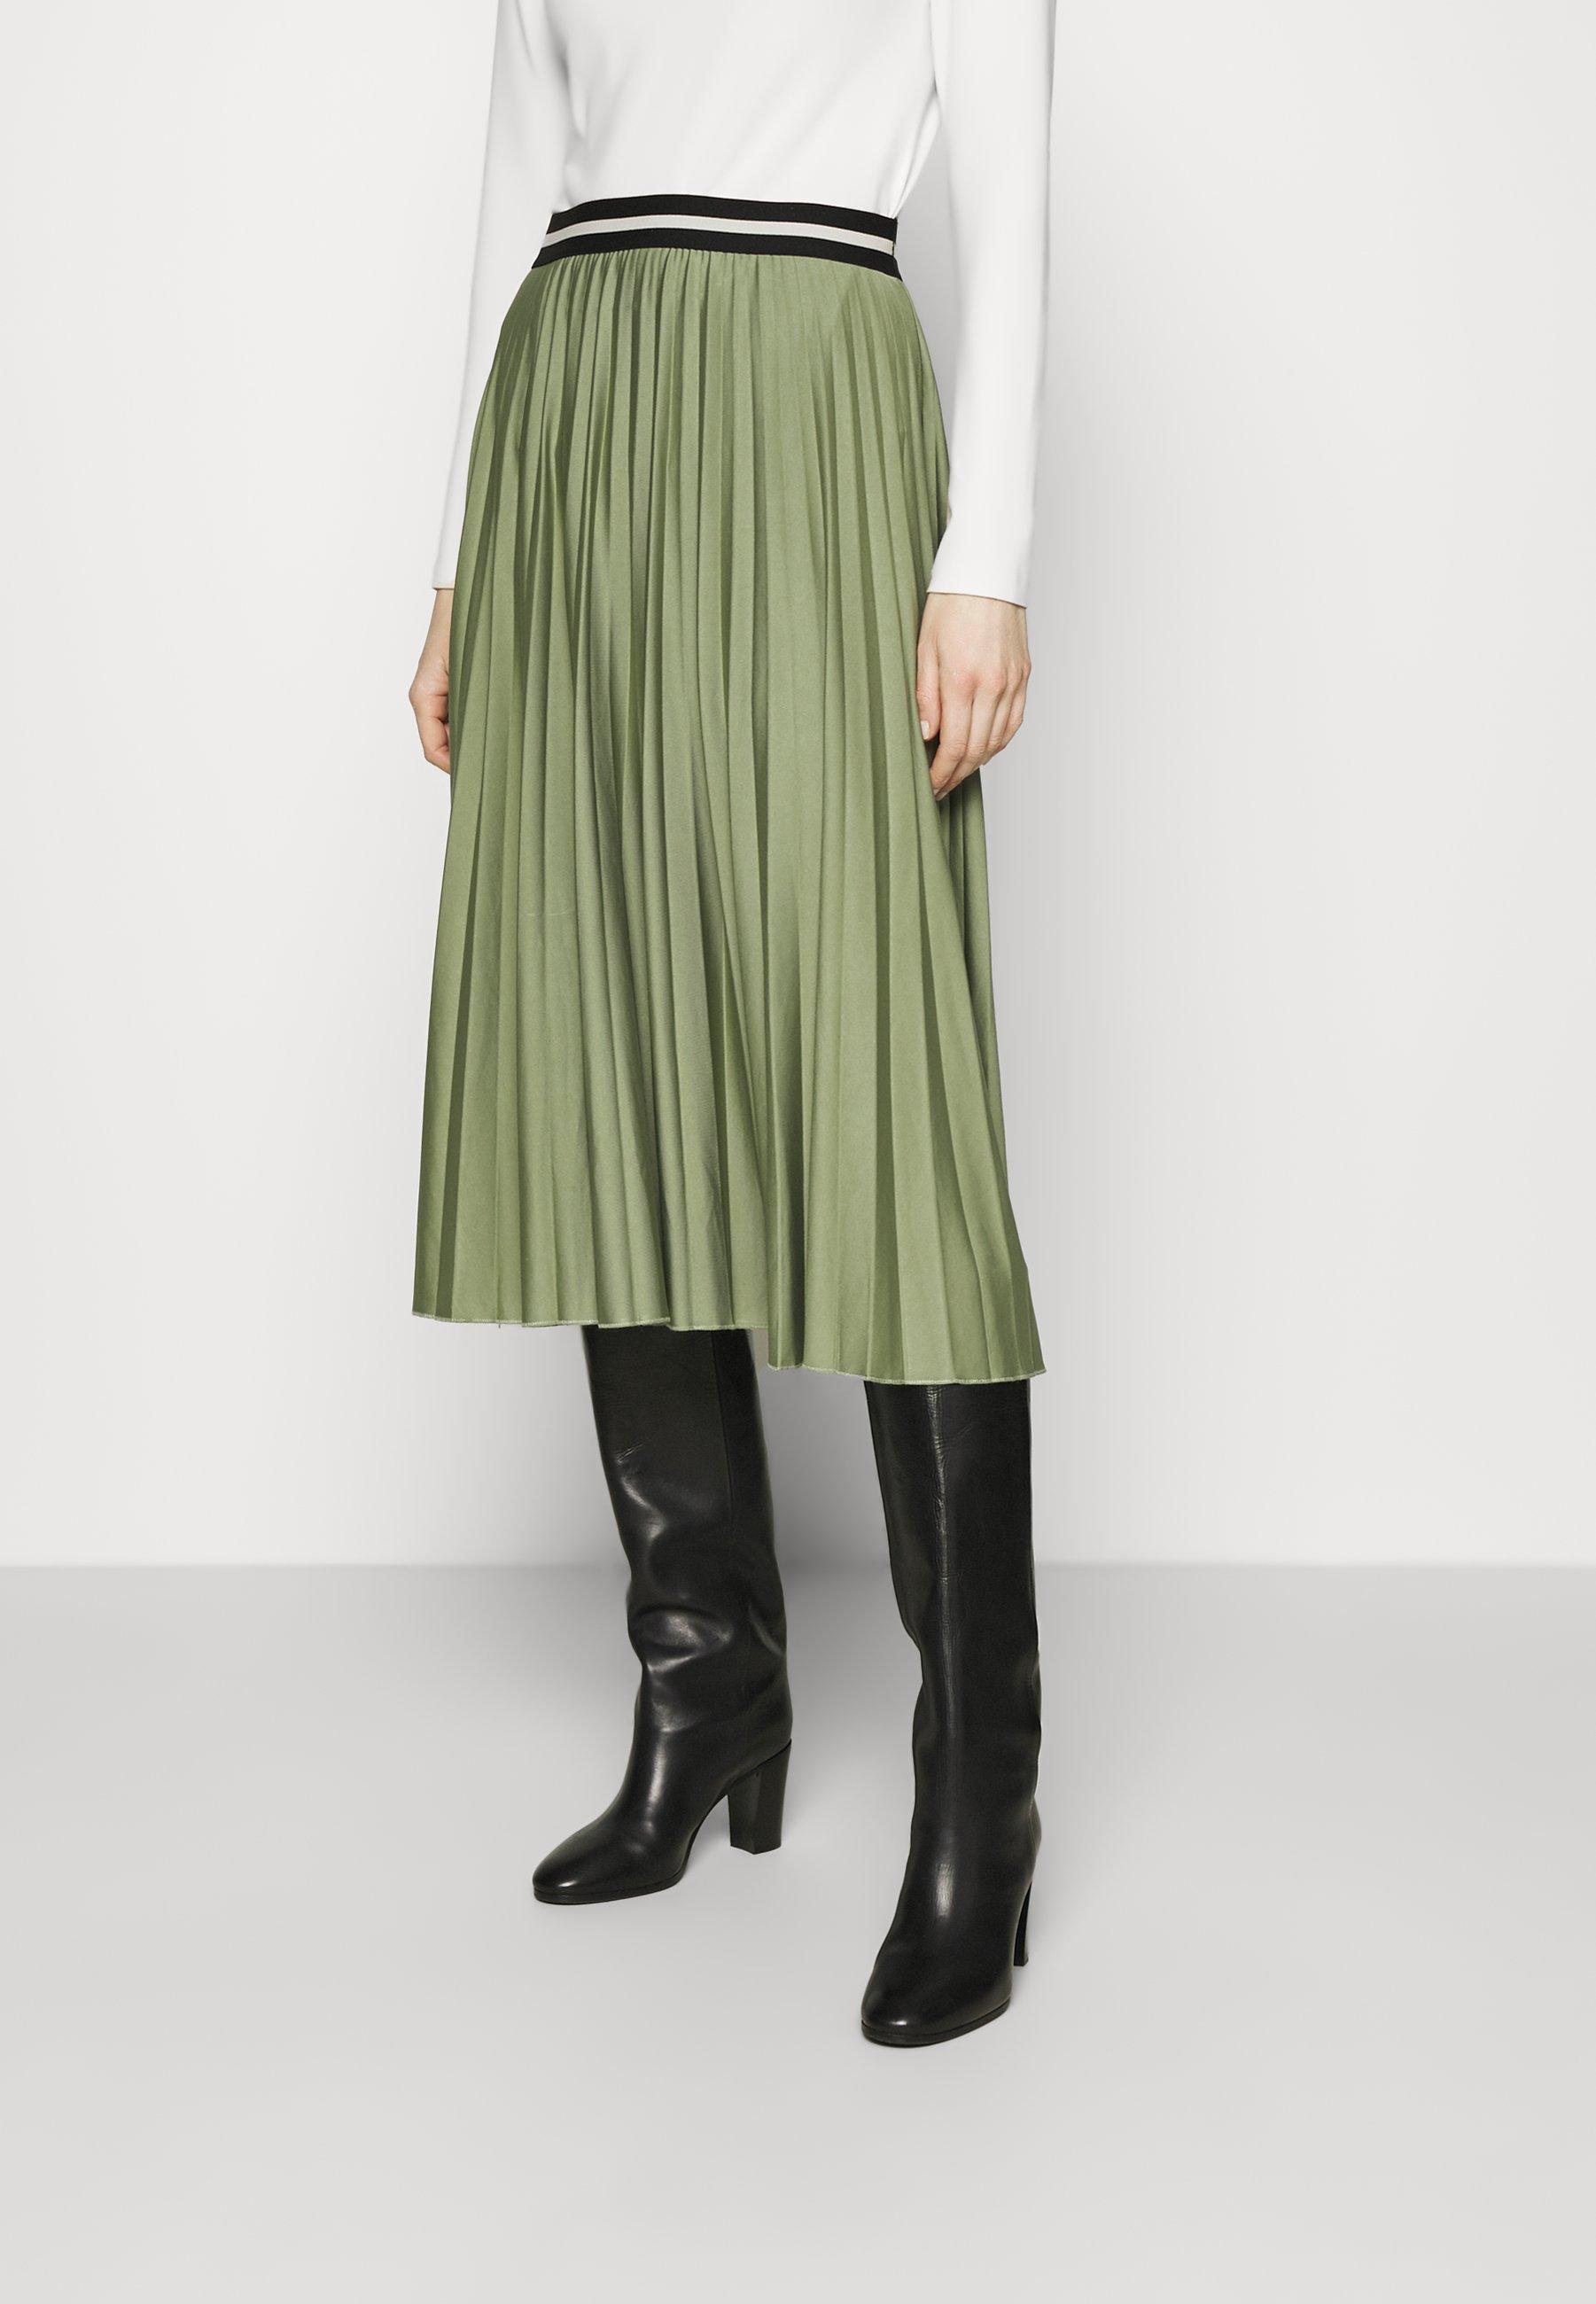 Femme PLEATED SKIRT - Jupe plissée